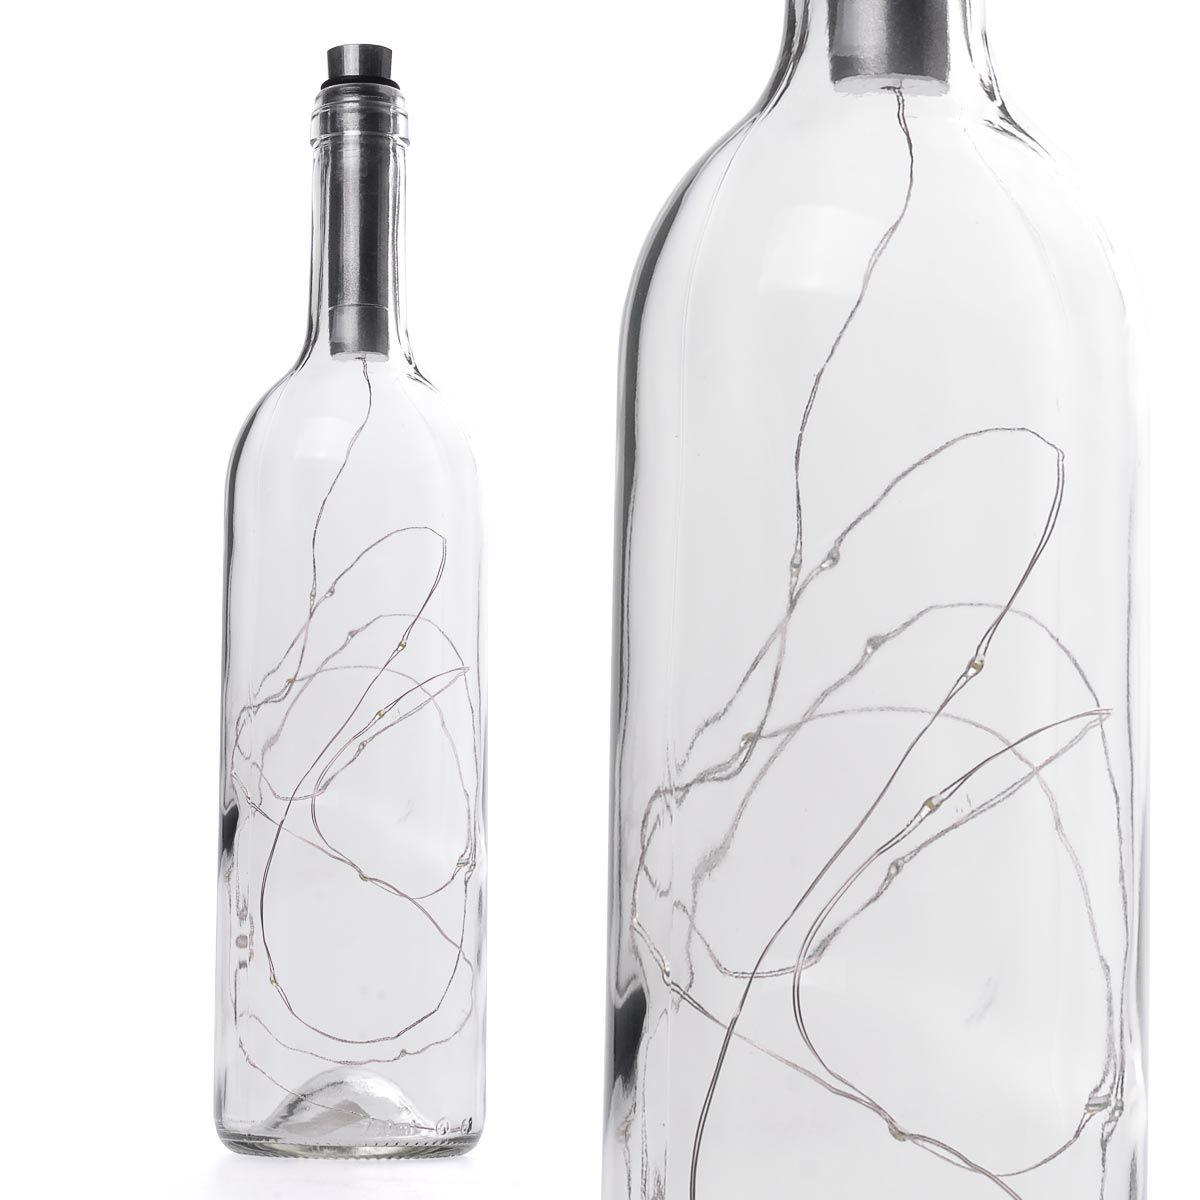 Διακοσμητικό φωτιστικό σε μπουκάλι κρασιού με LED φωτισμό - Διάφανο